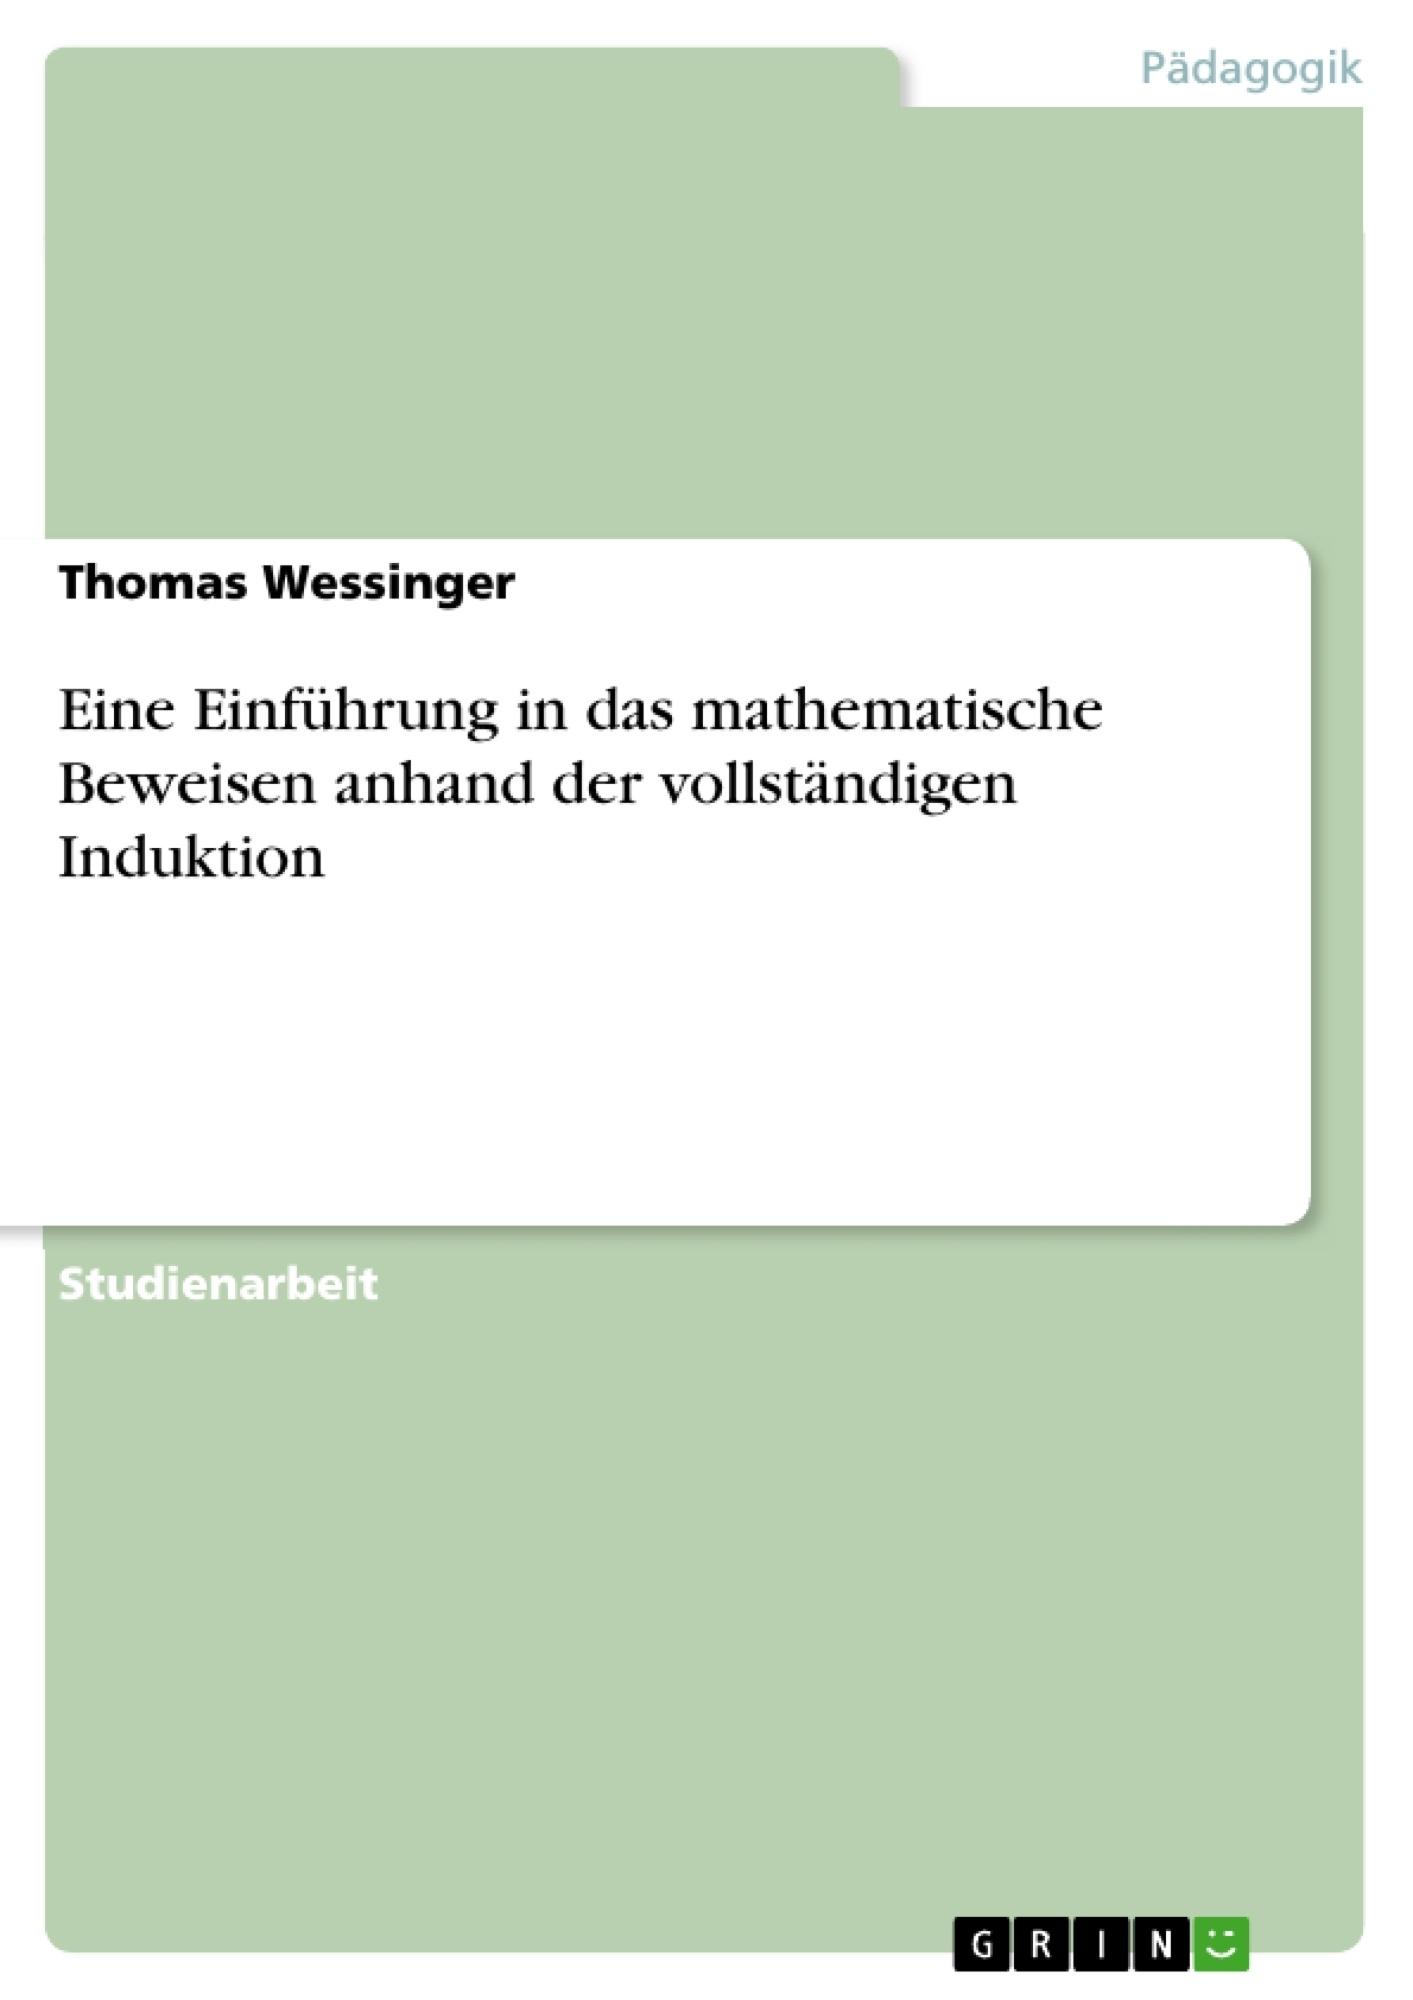 Titel: Eine Einführung in das mathematische Beweisen anhand der vollständigen Induktion